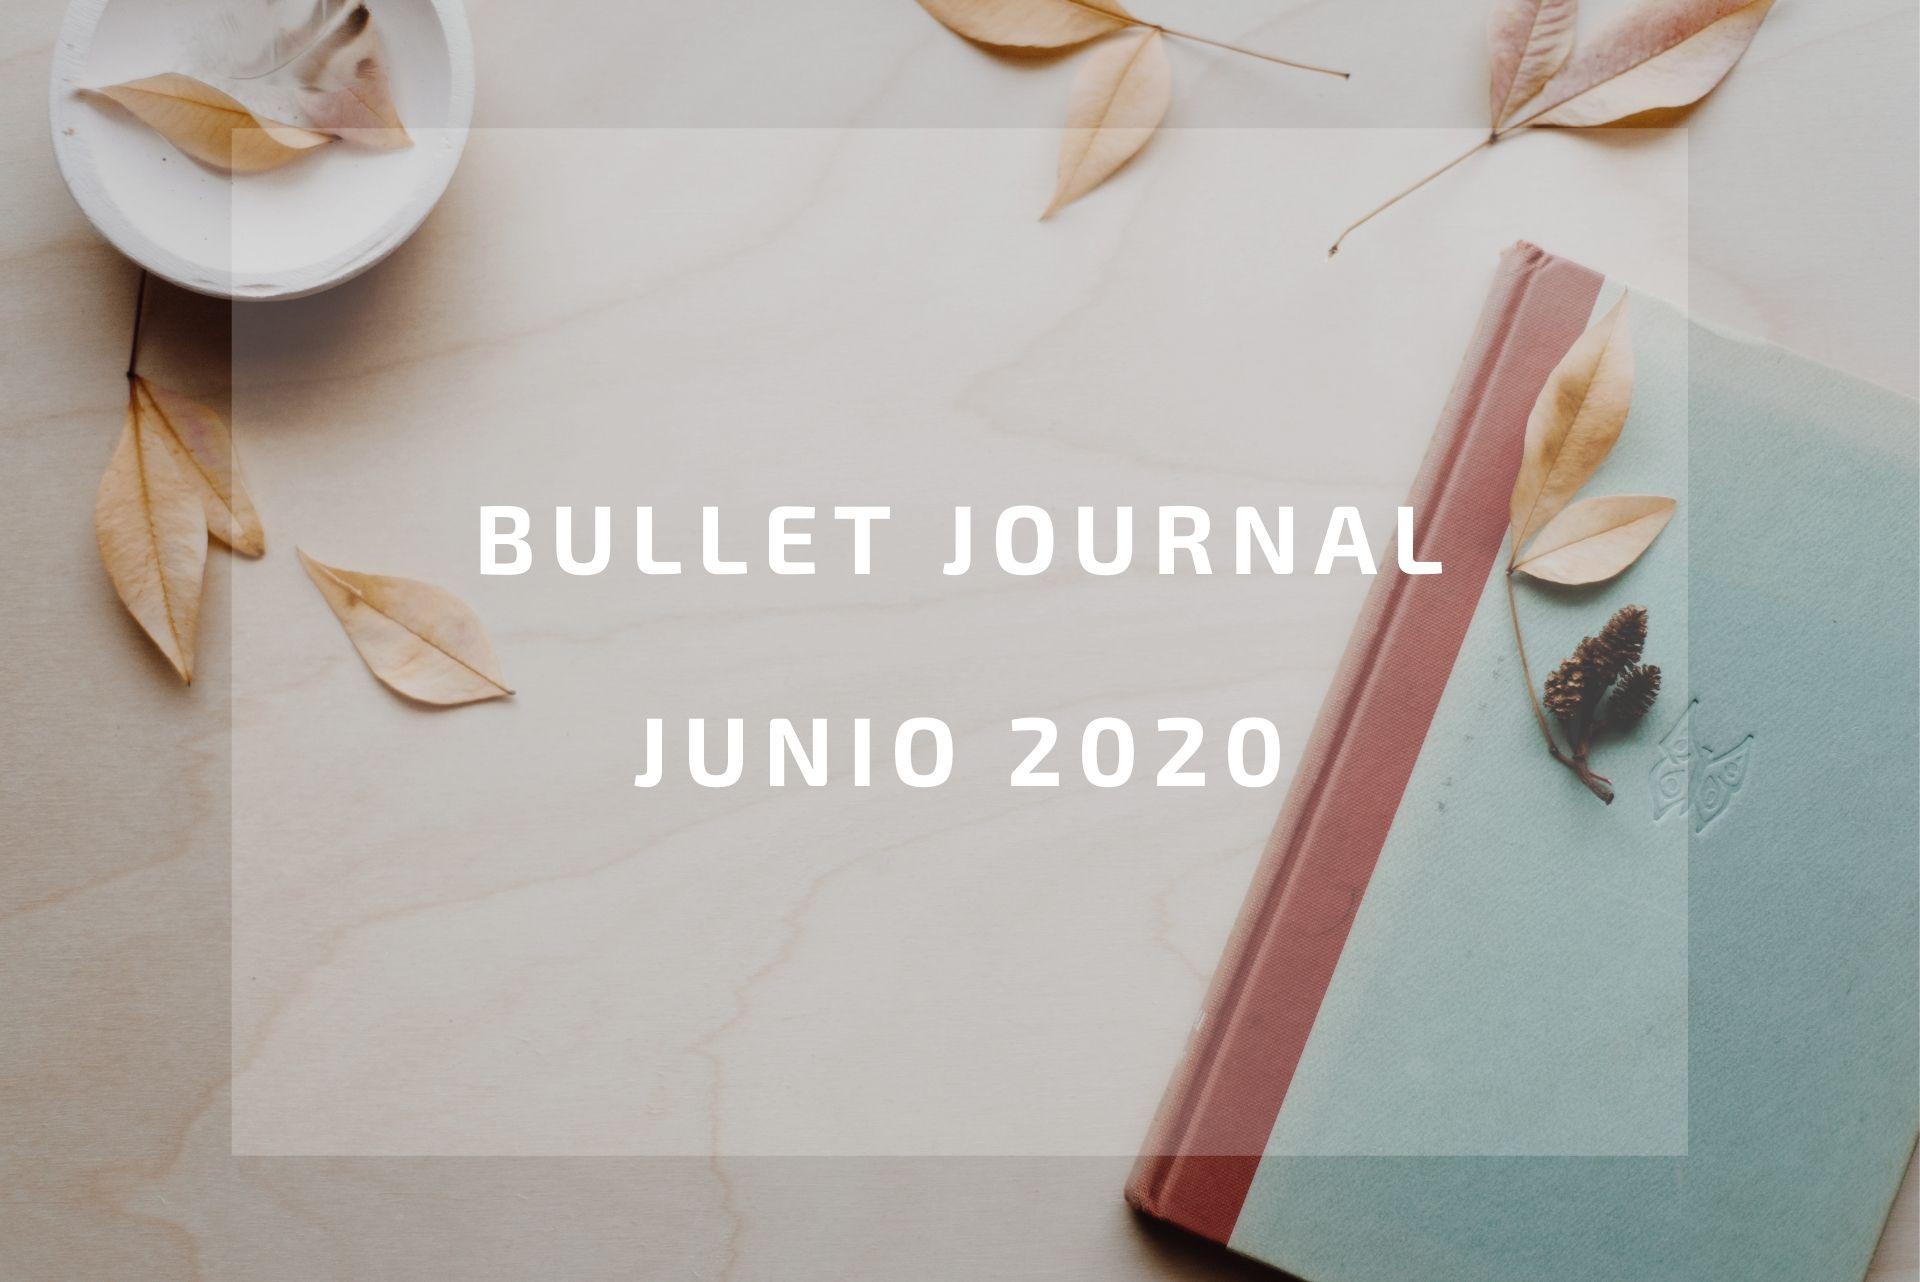 Revisión bullet journal junio 2020: nuevo cuaderno.